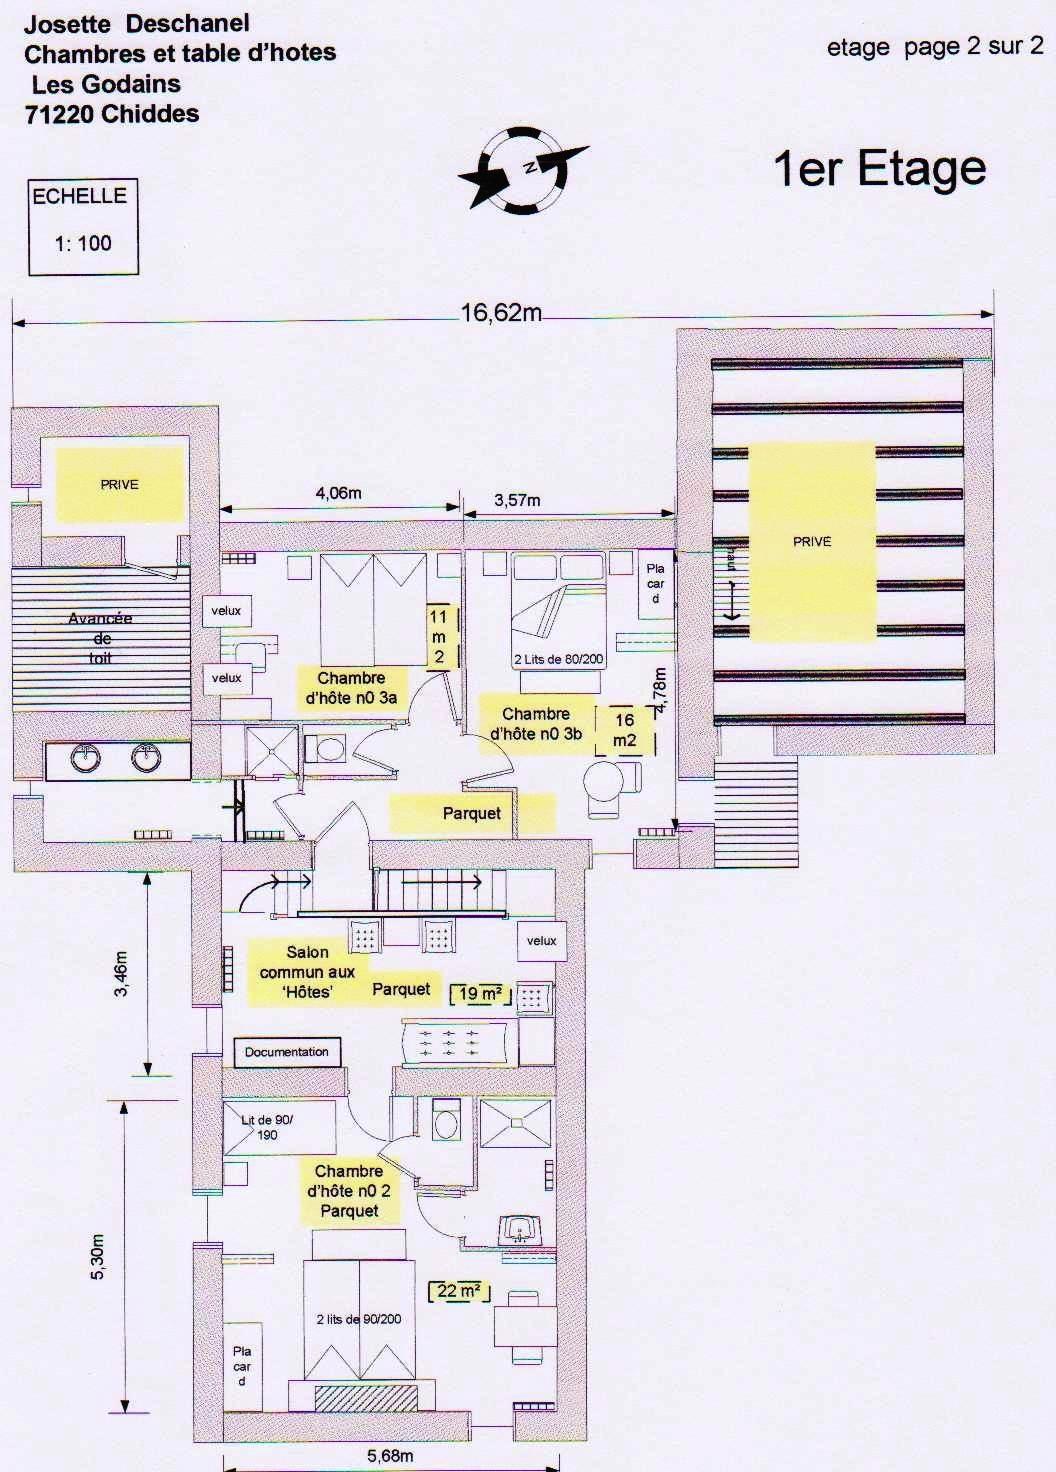 Plan chambre d 39 hote1er etage - Chambre d hote avec table d hote ...